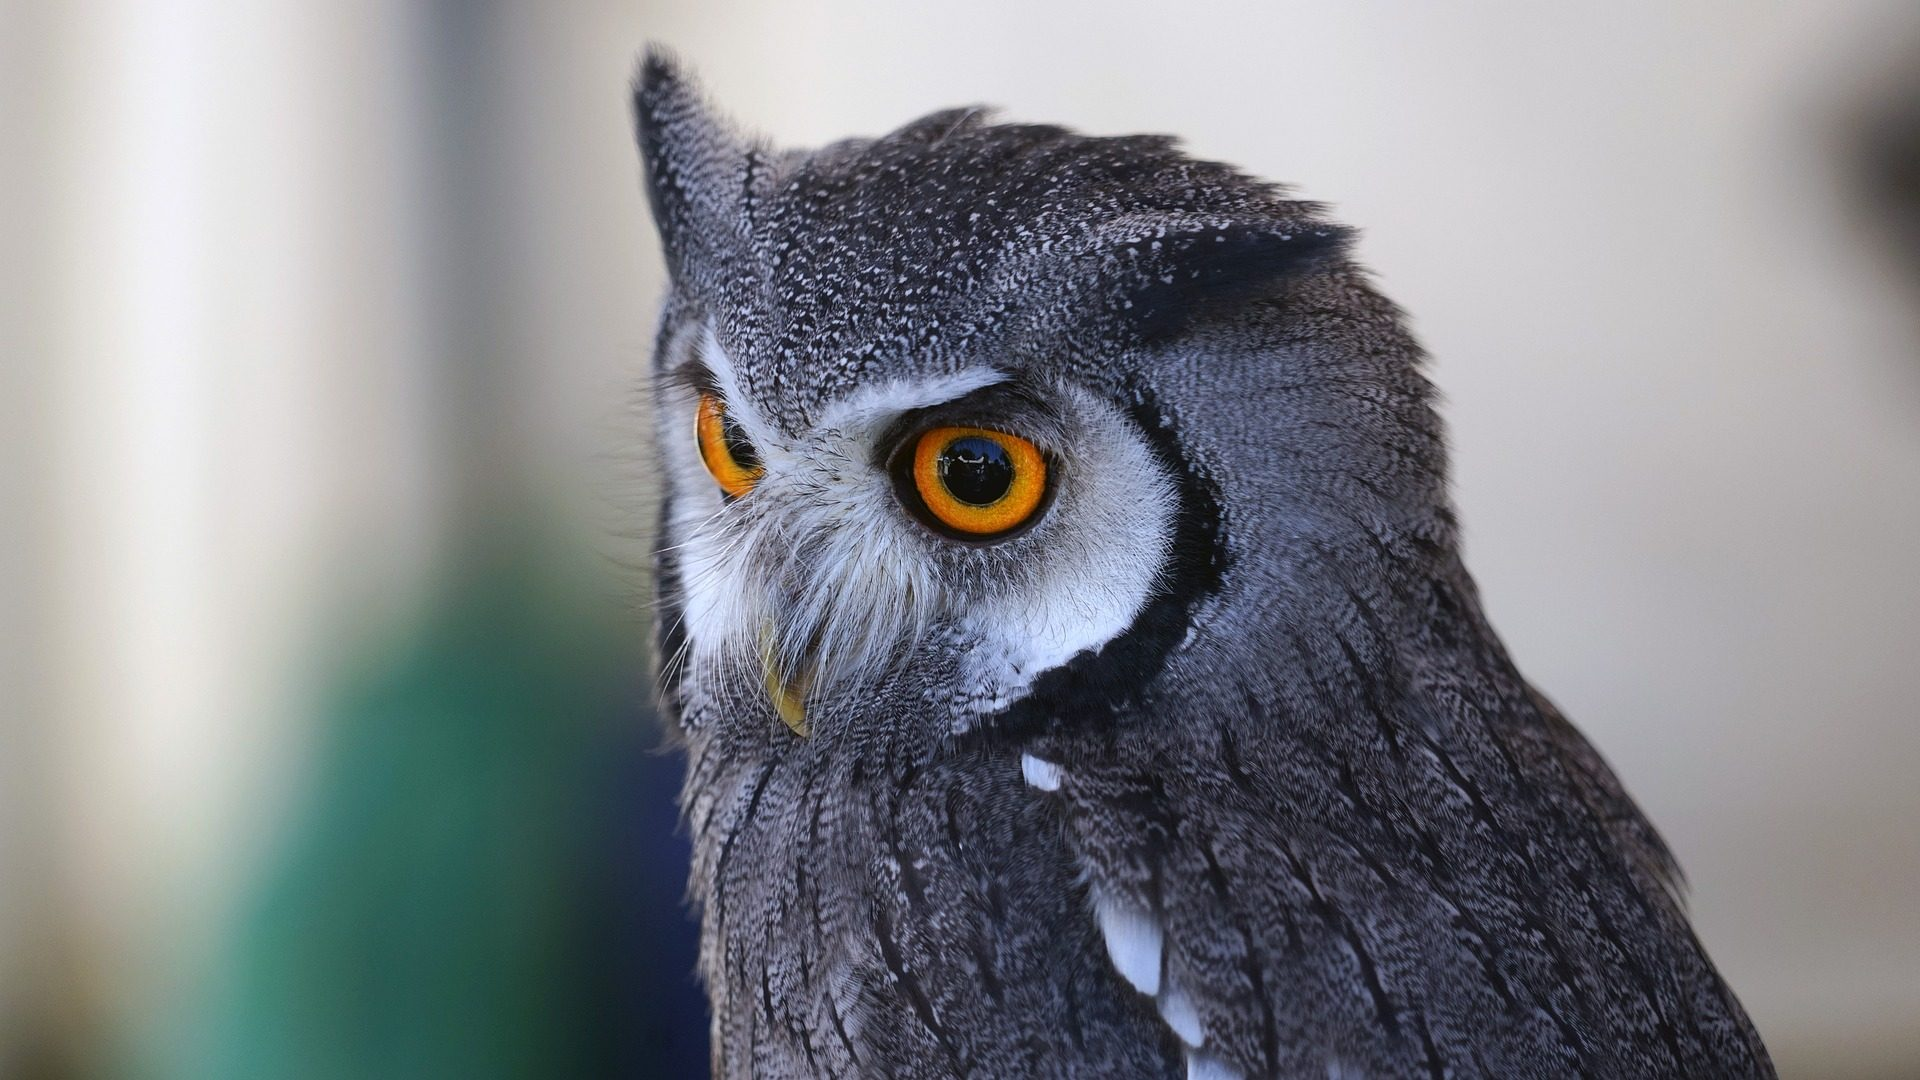 buho, HIBOU, Ave, Oiseau, plumage, yeux - Fonds d'écran HD - Professor-falken.com